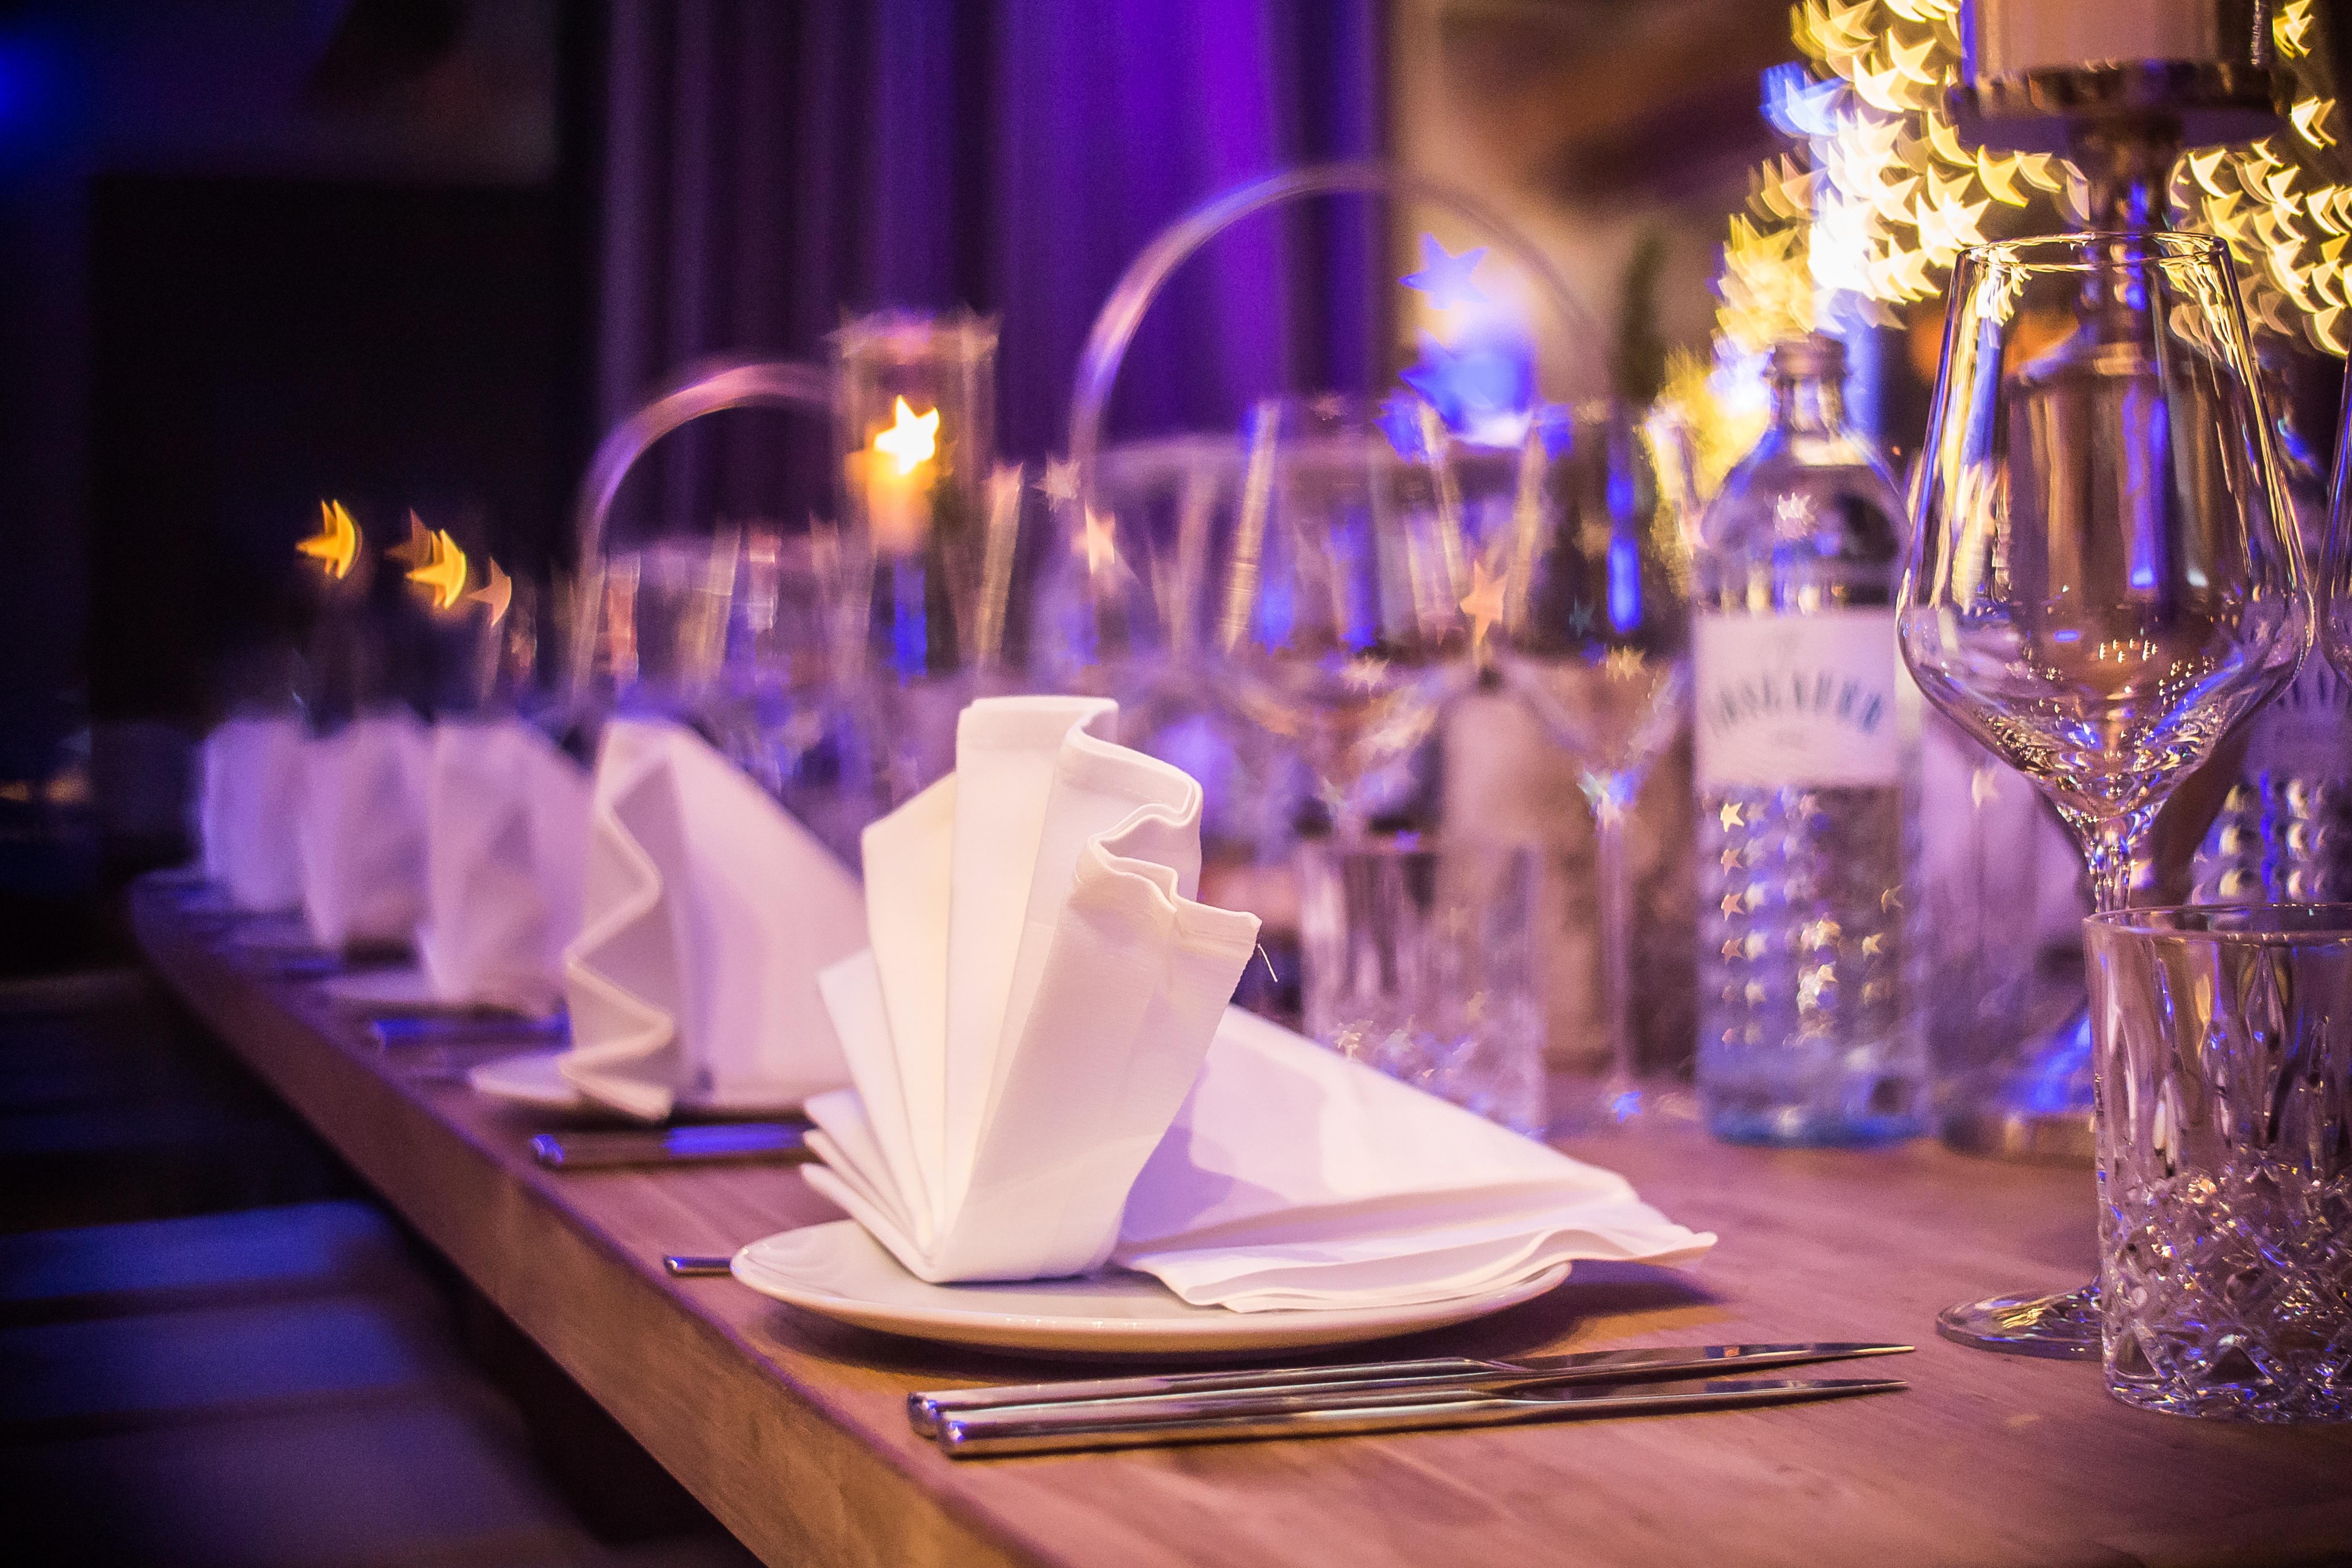 Mesa com copos e guardanapos em festa.